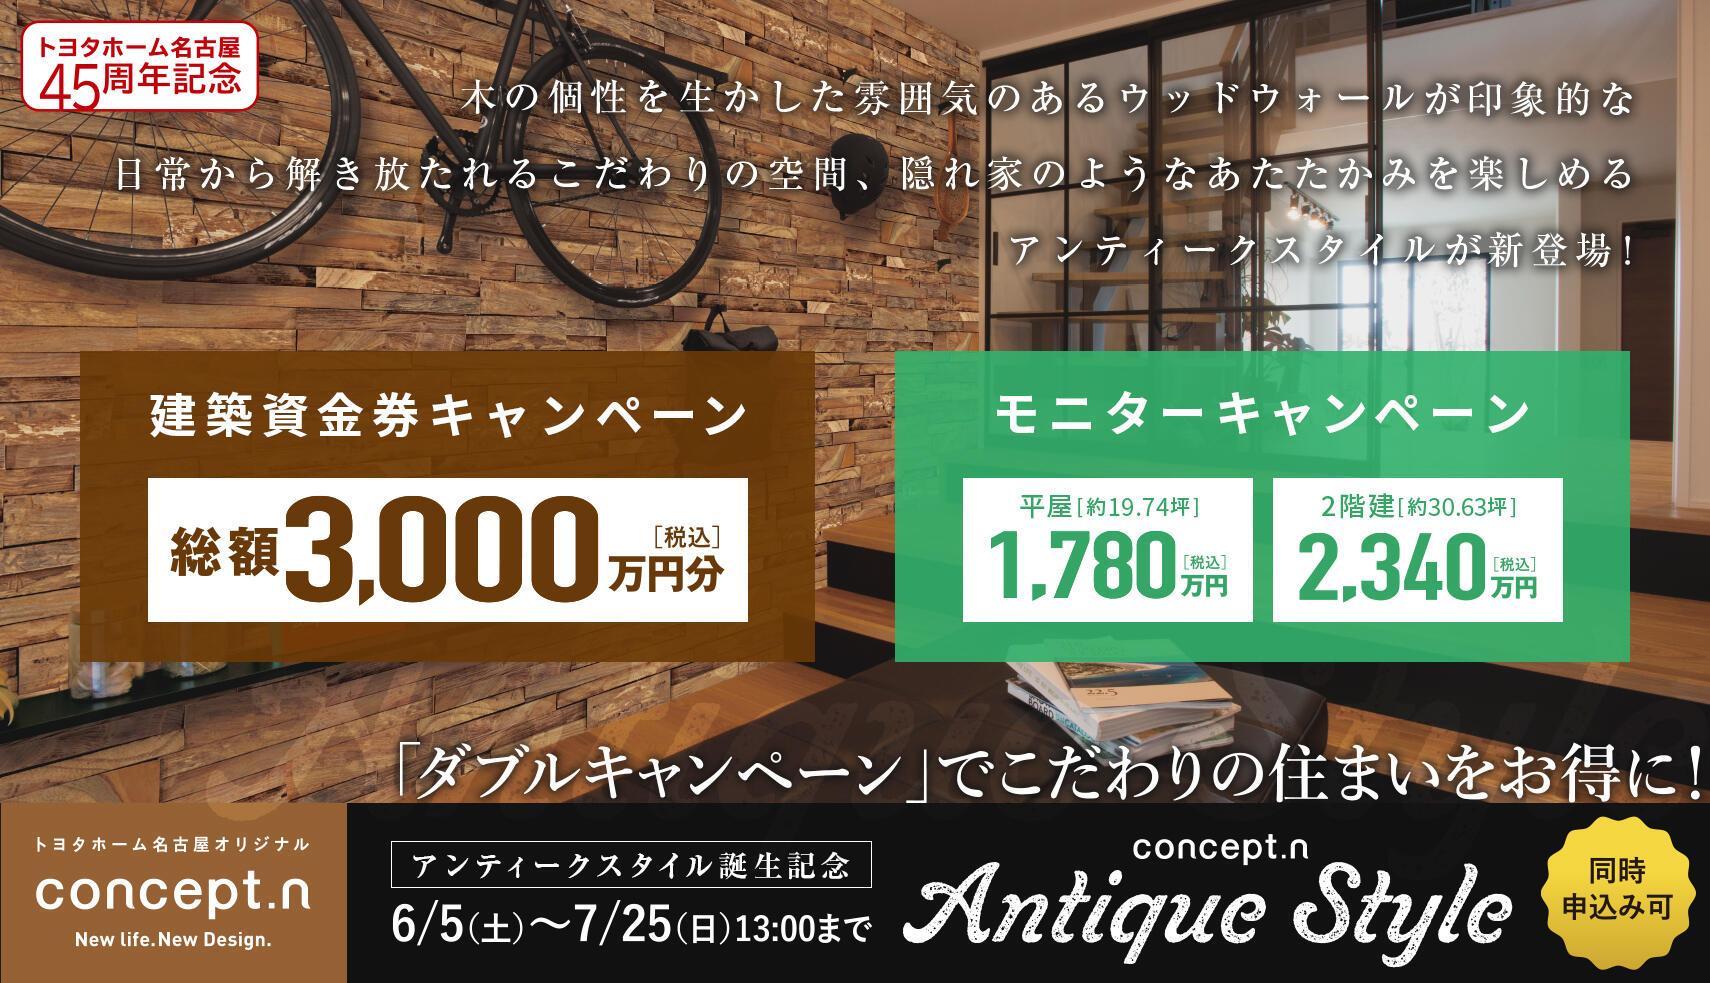 5月1日~5月23日 とてもお得な建築資金券キャンペーン開催!